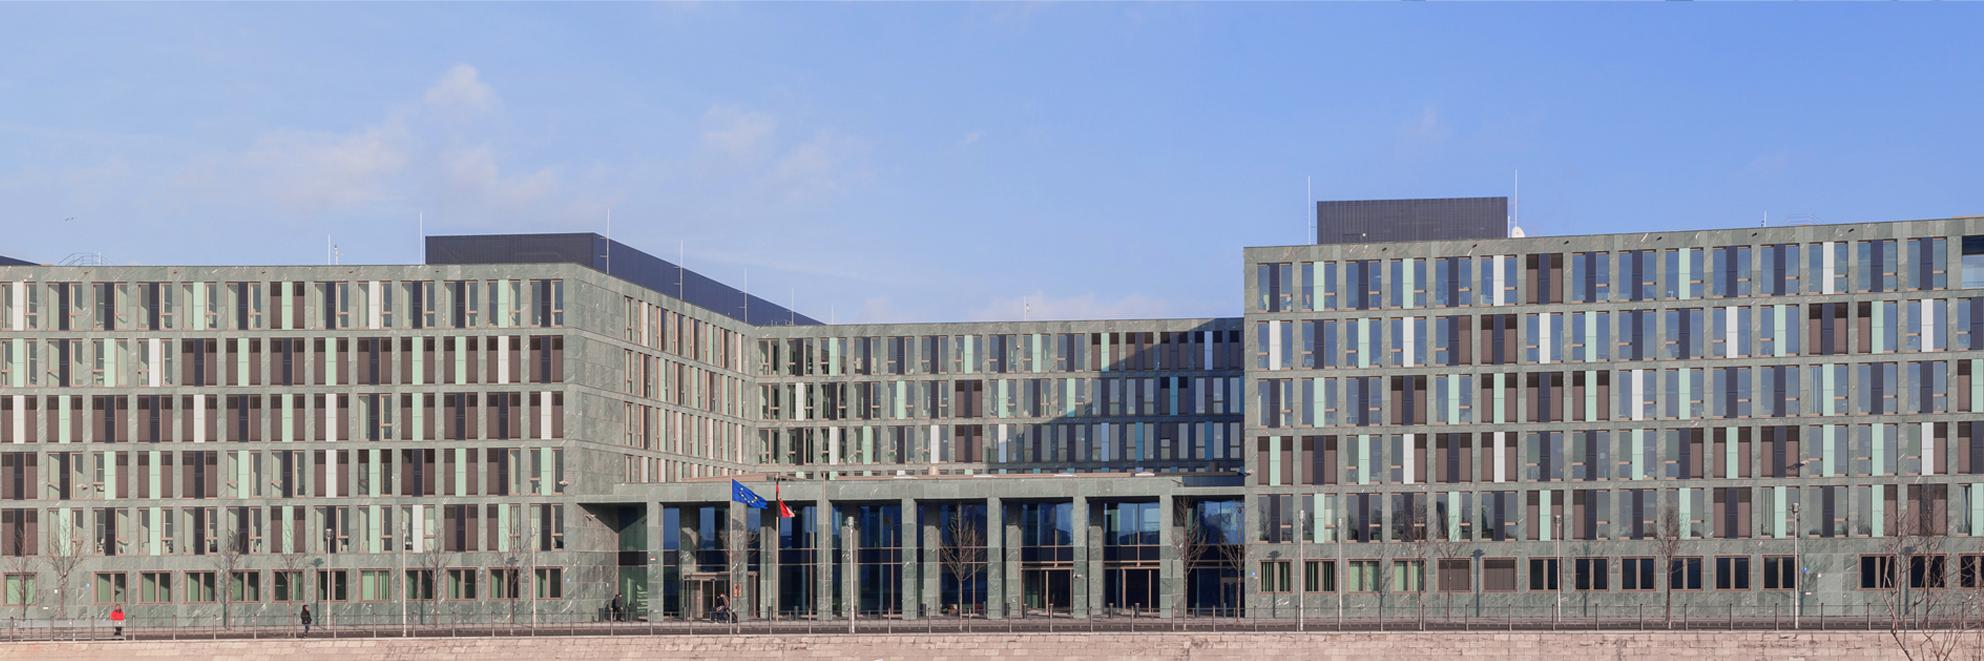 Copy of Bundesministerium für Bildung und Forschung, Berlin